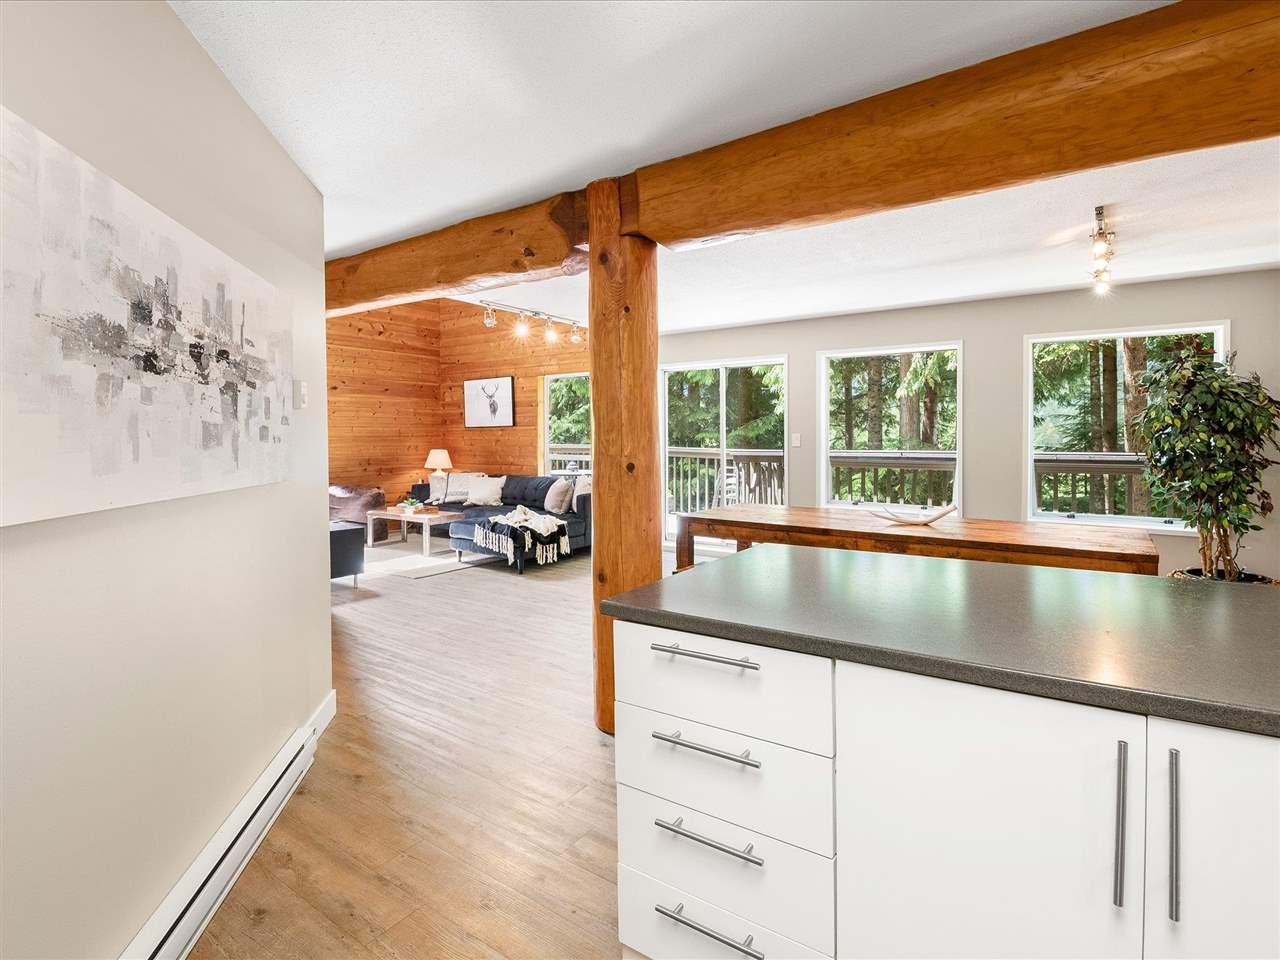 72 2222 BRANDYWINE WAY - Bayshores 1/2 Duplex for sale, 3 Bedrooms (R2591139) - #11